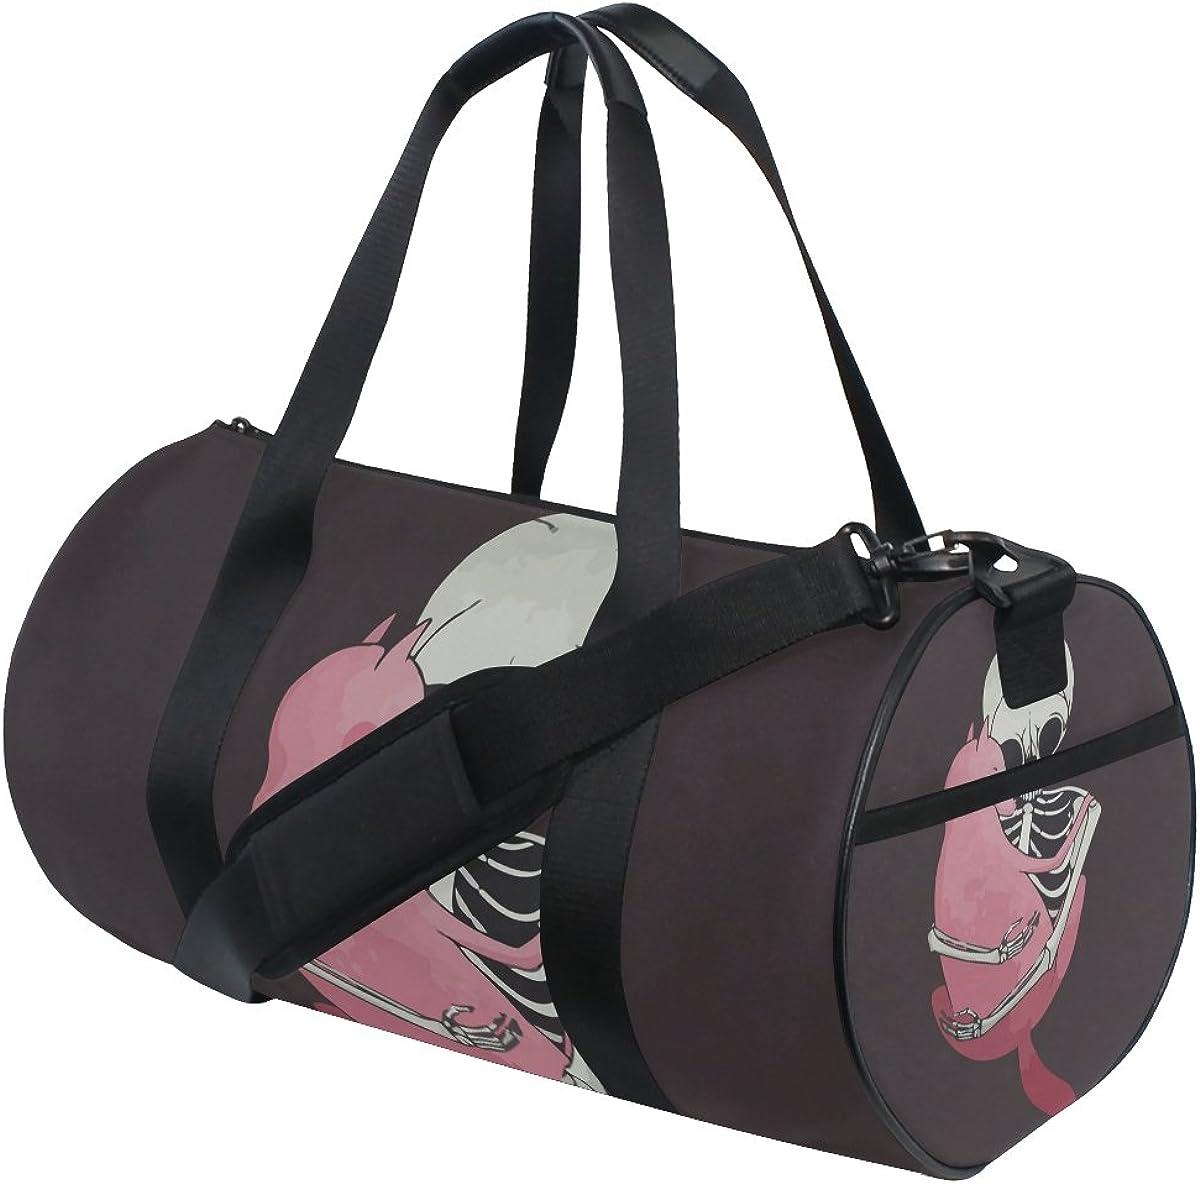 Evolutions Skull Cat Travel Duffel Bag Sports Gym Bag For Men /& Women